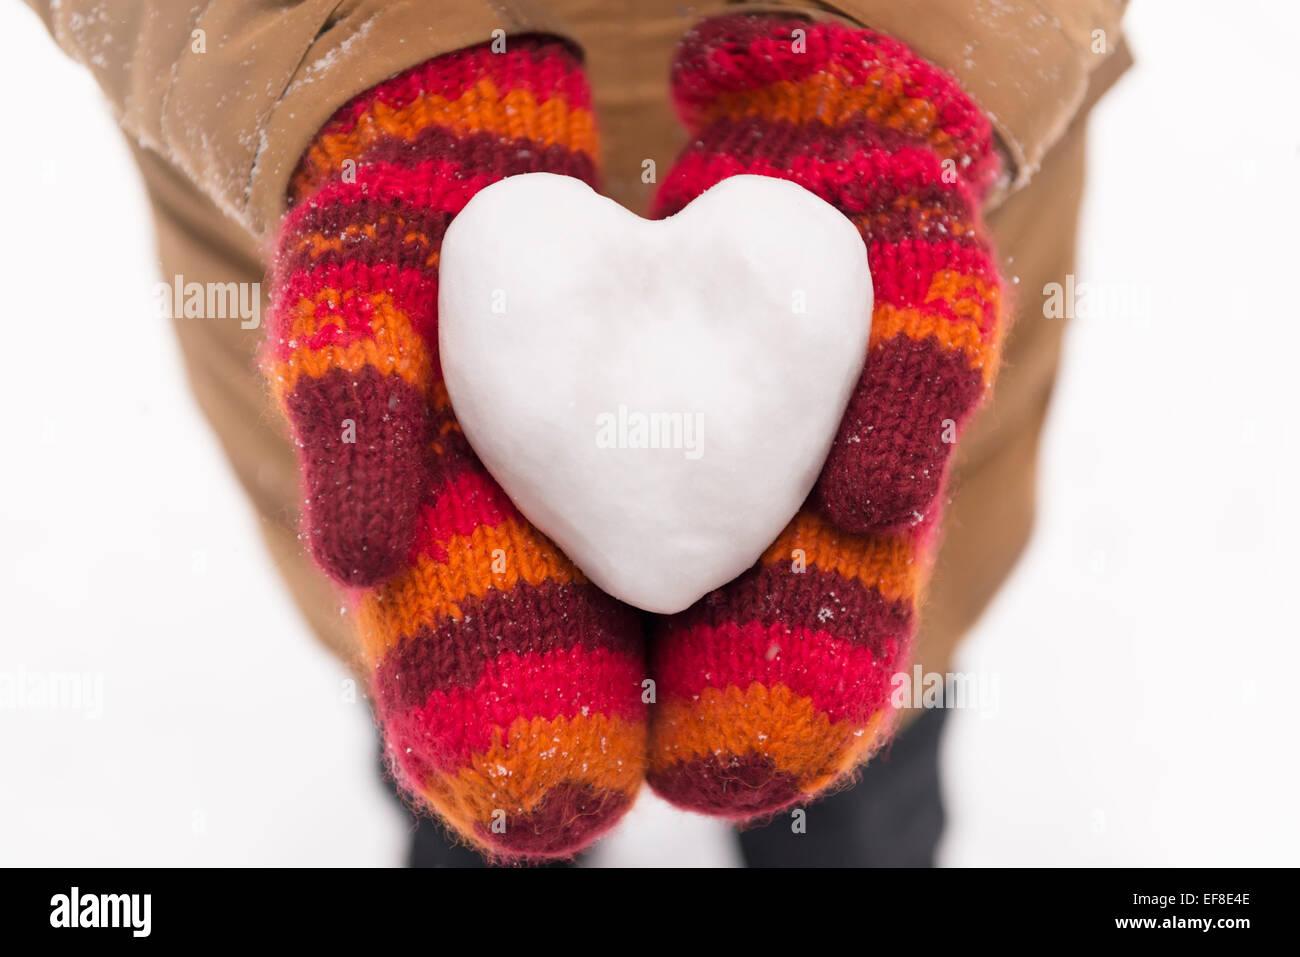 Les mitaines rouges de Femme tenant un cœur fait de neige, gros plan des mains, concept romantique Photo Stock